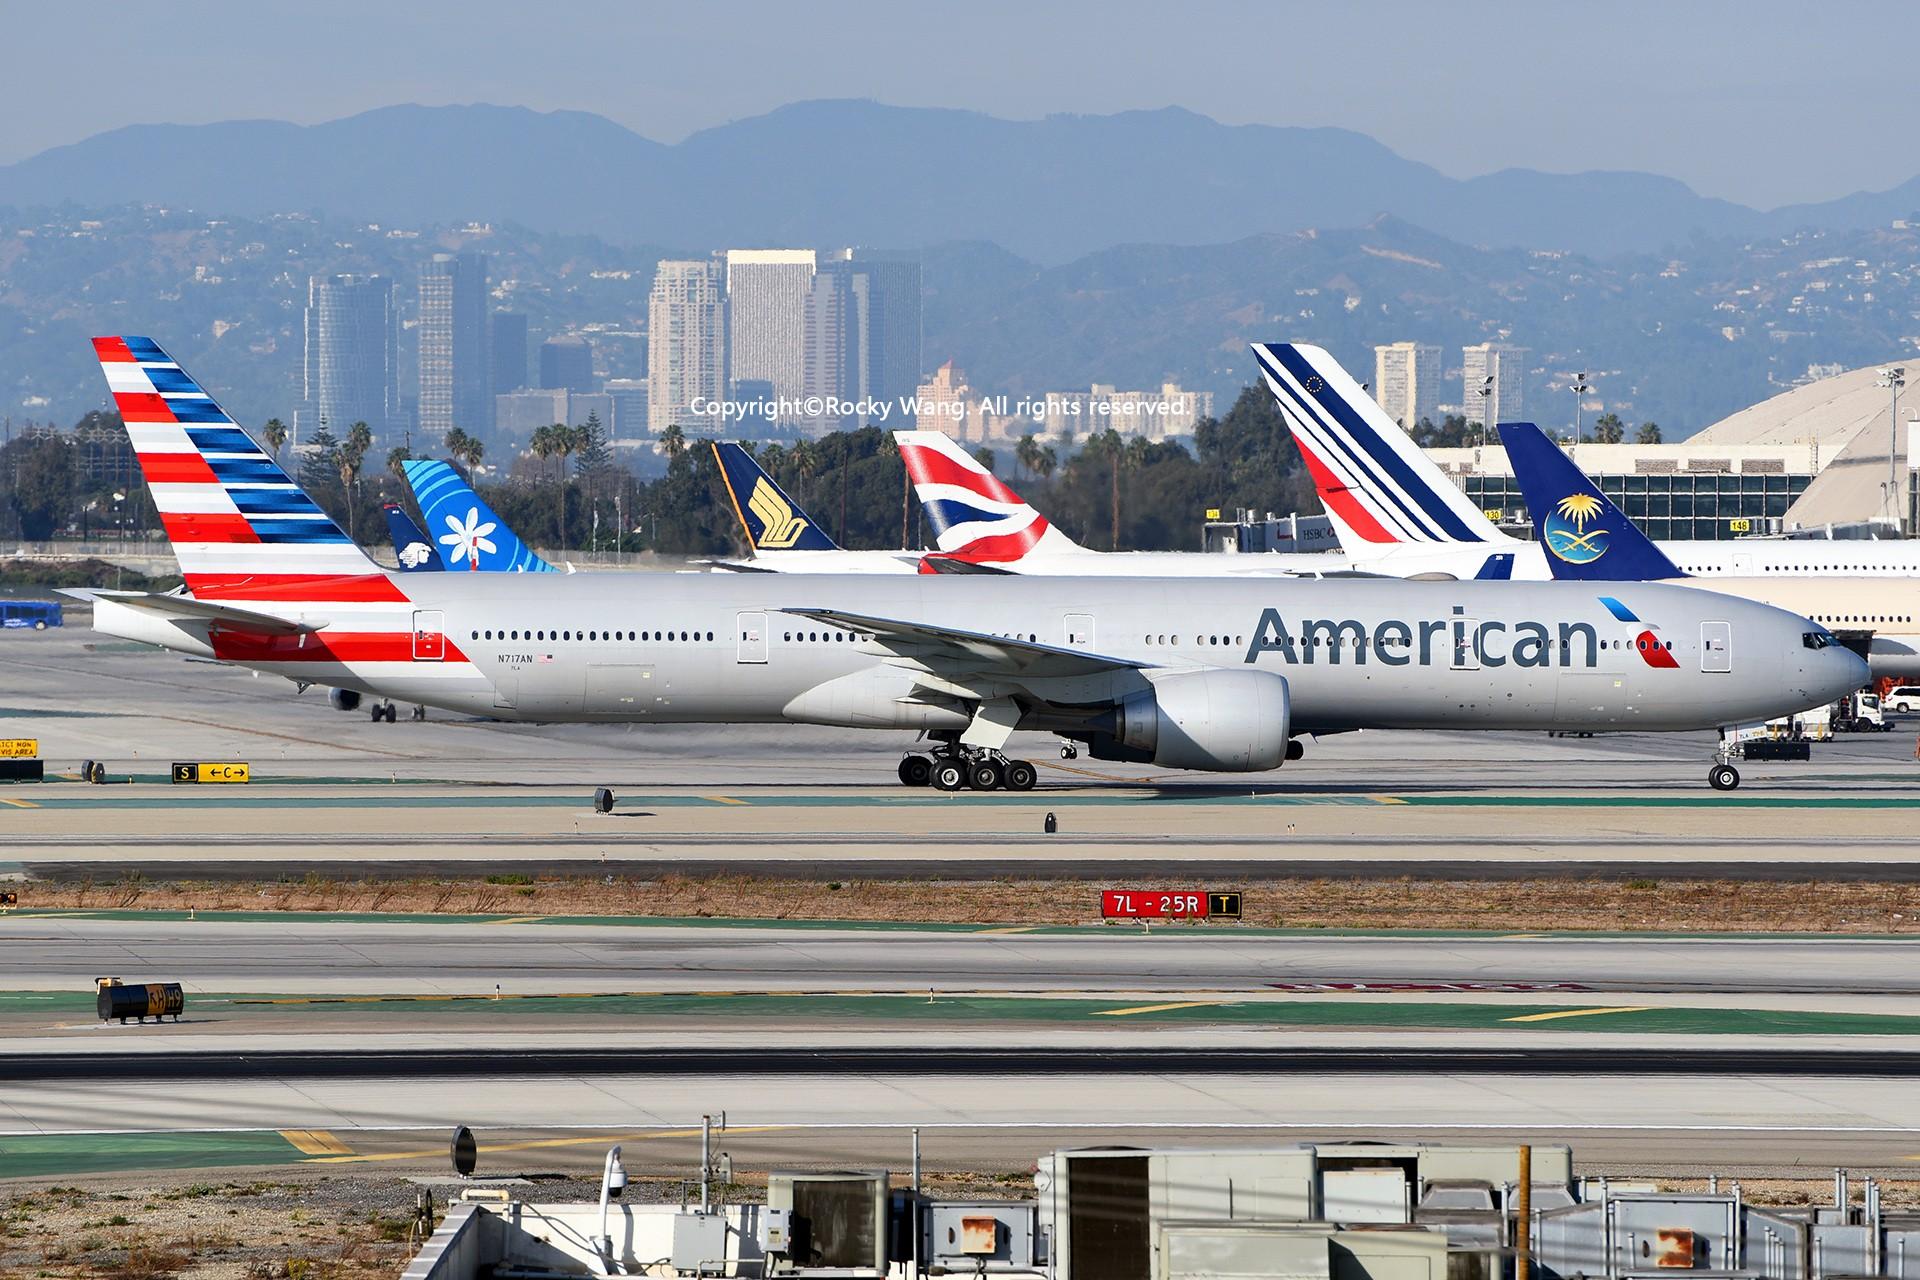 Re:[原创]KLAX 30图 BOEING 777-323ER N717AN Los Angeles Int'l Airport